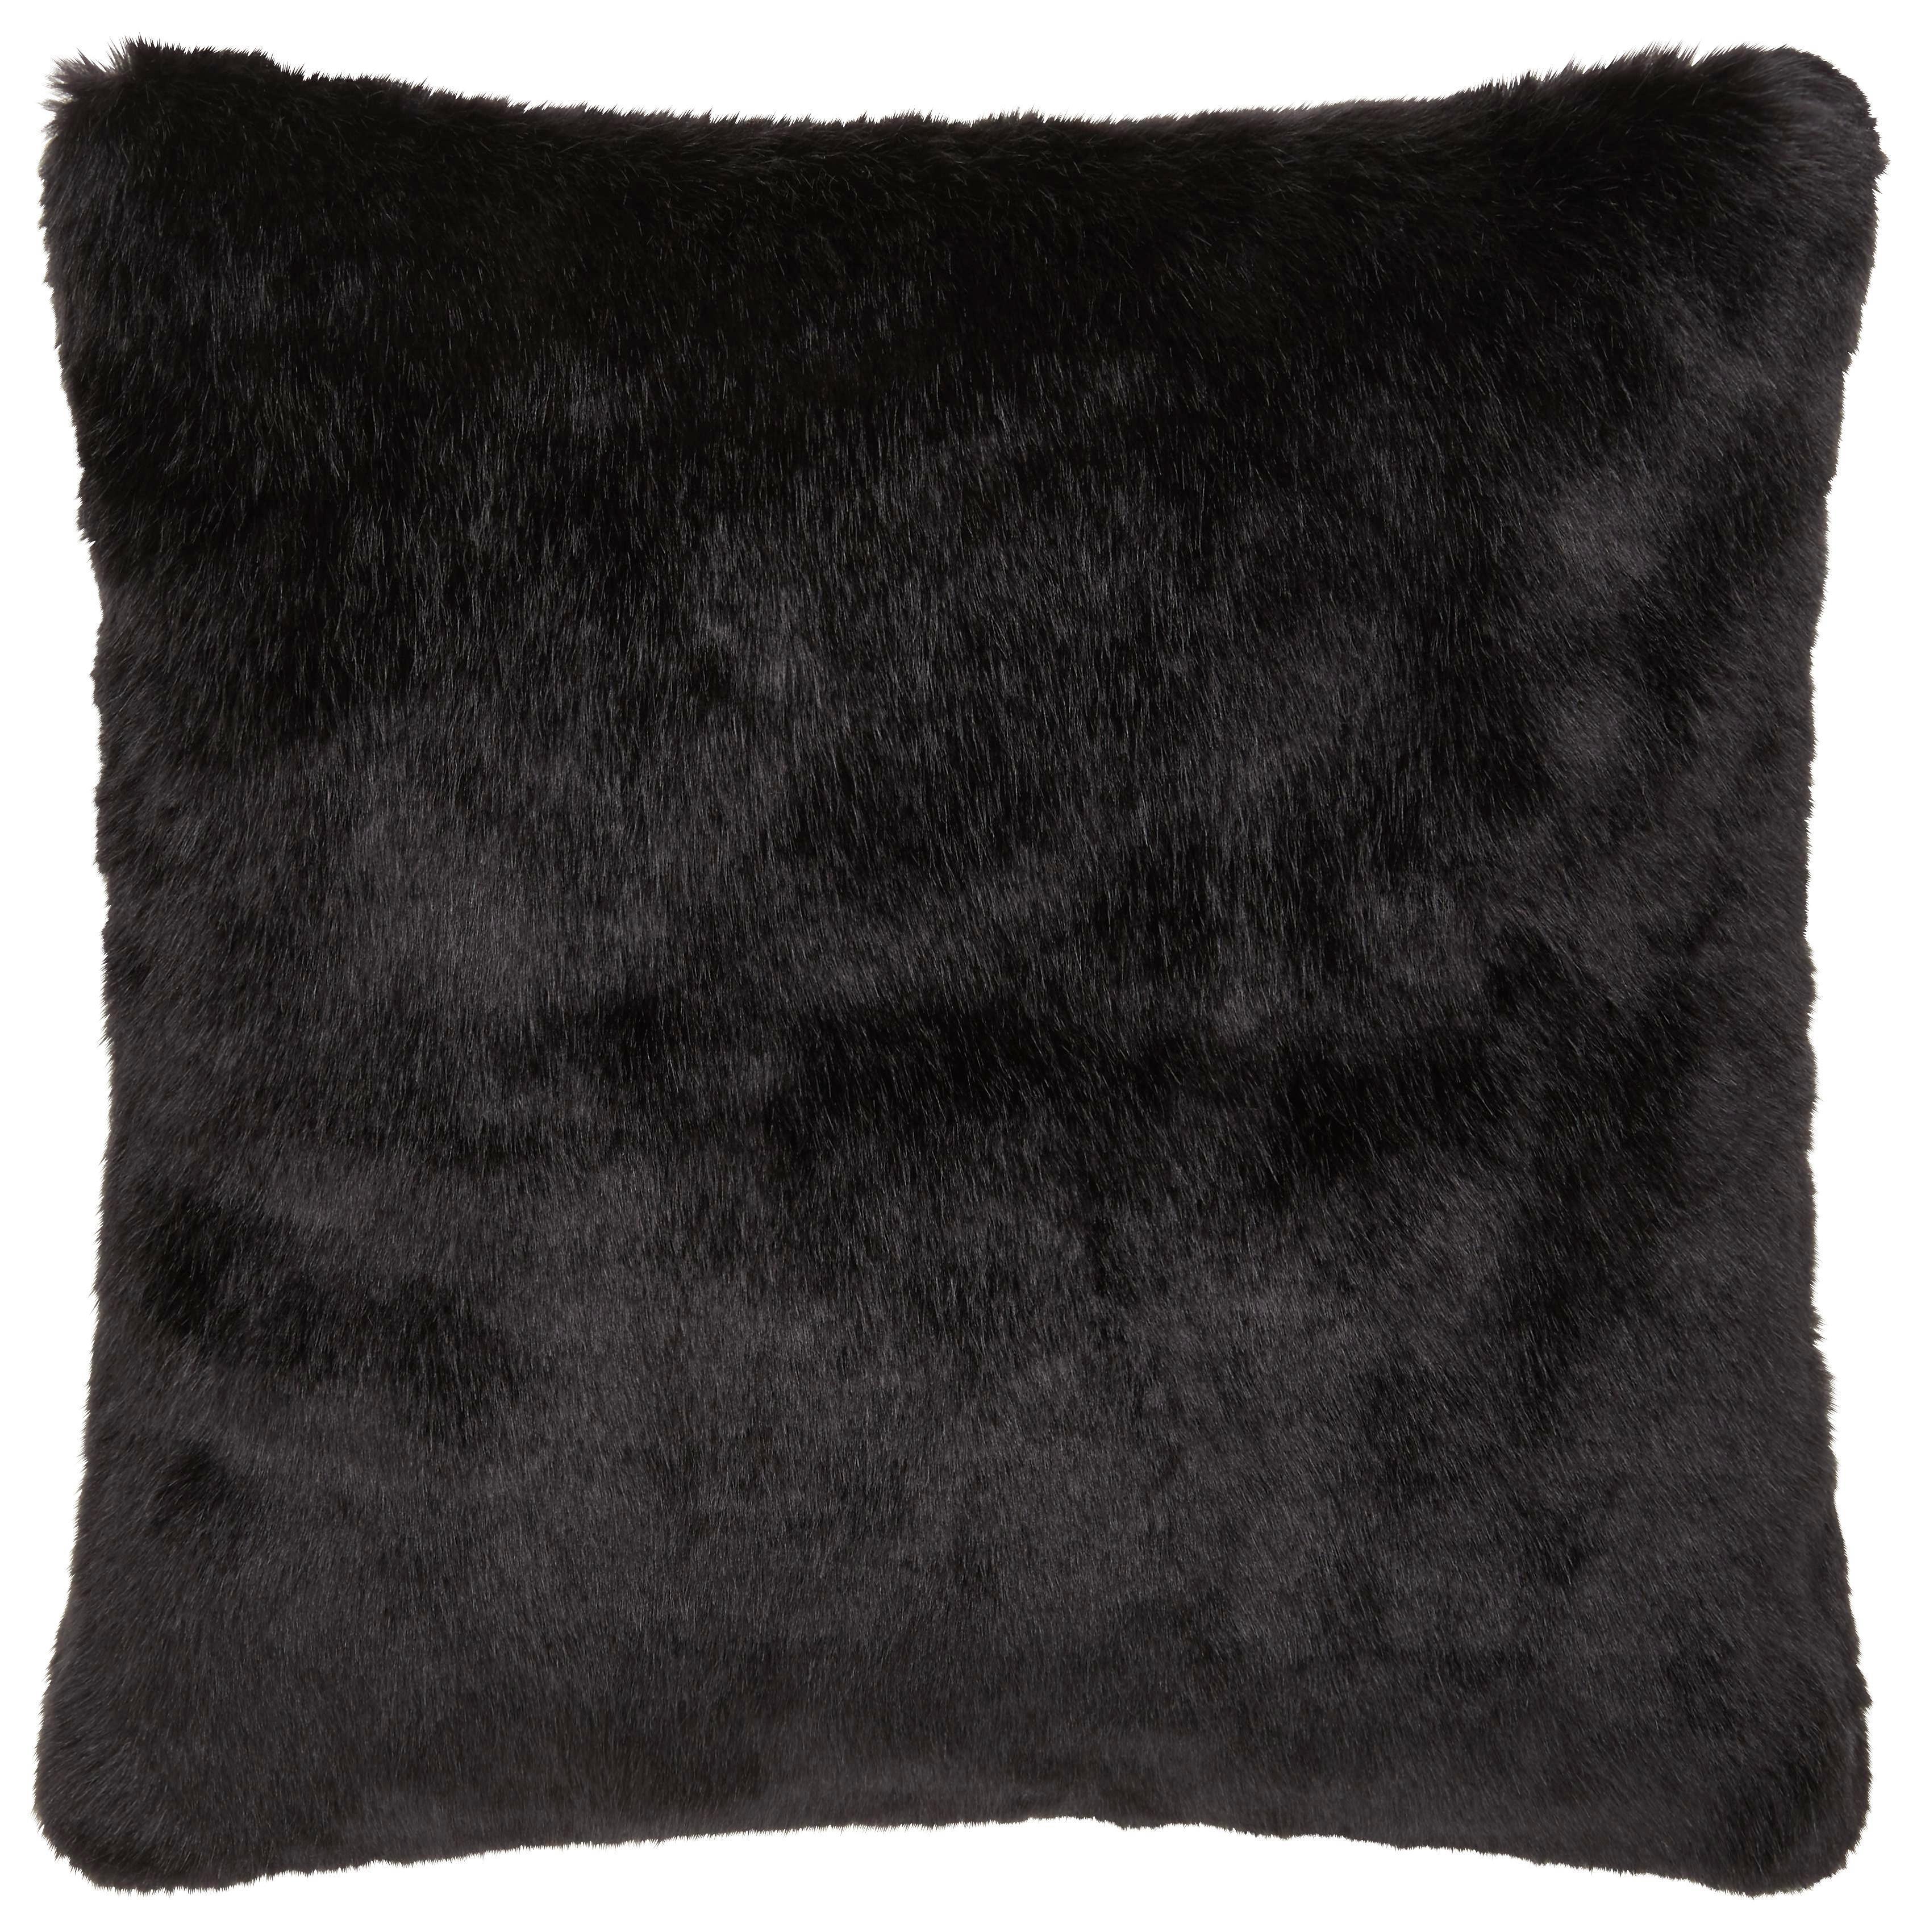 Zierkissen Blacky in Schwarz, ca. 45x45cm - Schwarz, Textil (45/45cm) - MÖMAX modern living